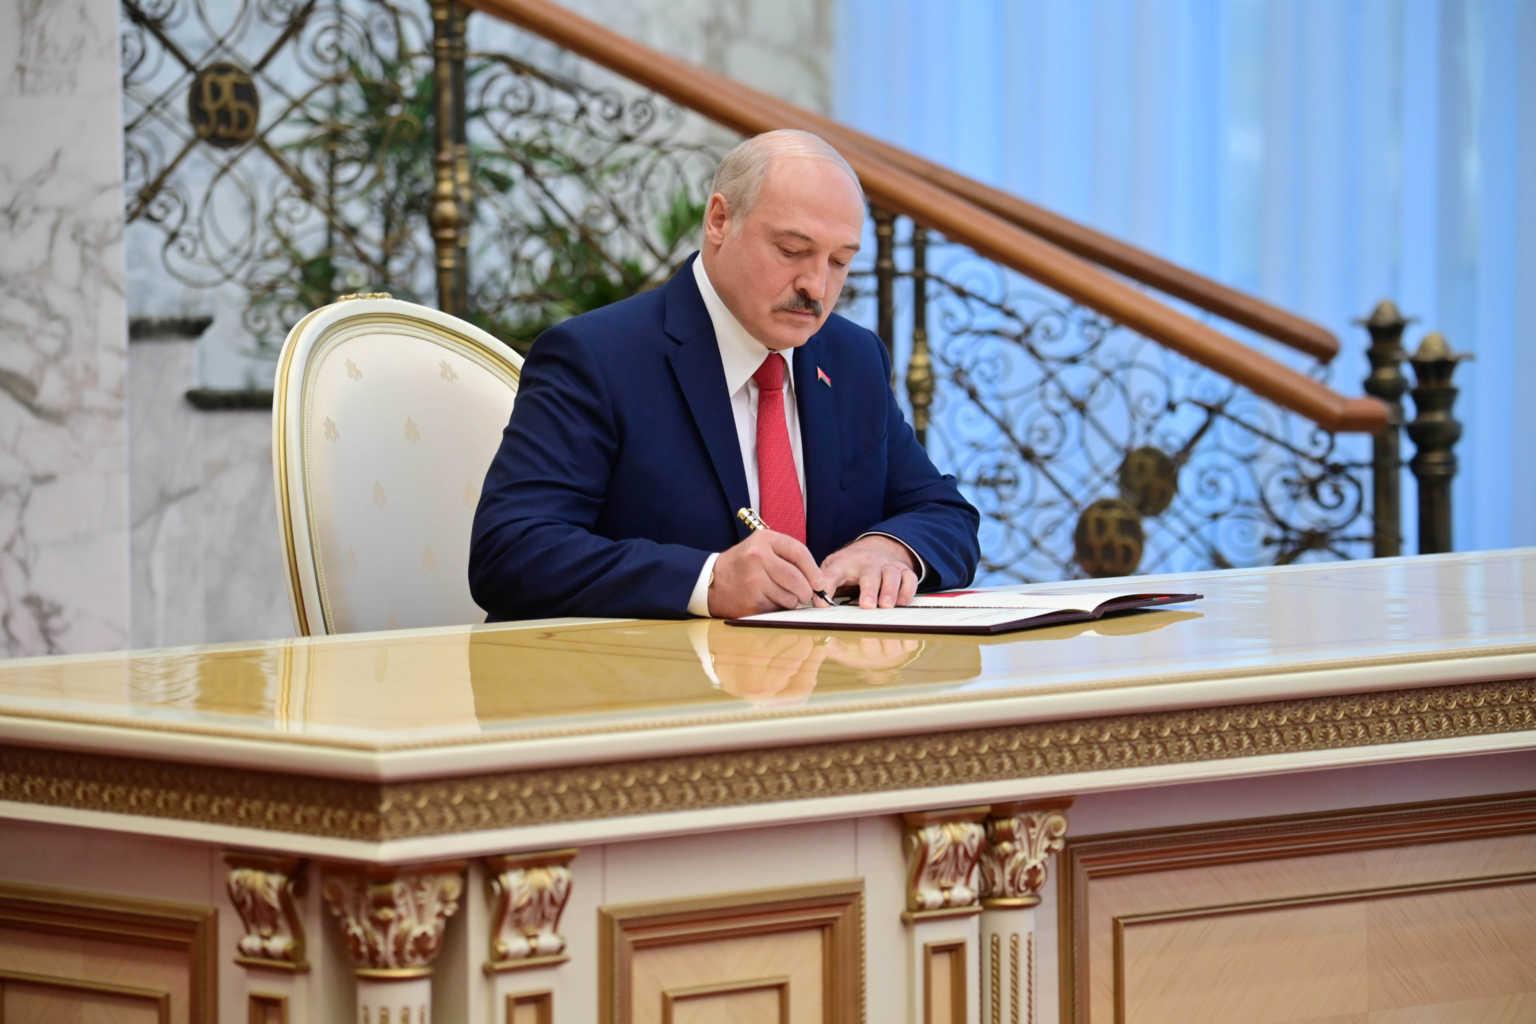 Κοινή δήλωση – κόλαφος κατά Λουκασένκο από ΕΕ, ΗΠΑ, Βρετανία και Καναδά – Νέες κυρώσεις από Βρυξέλλες